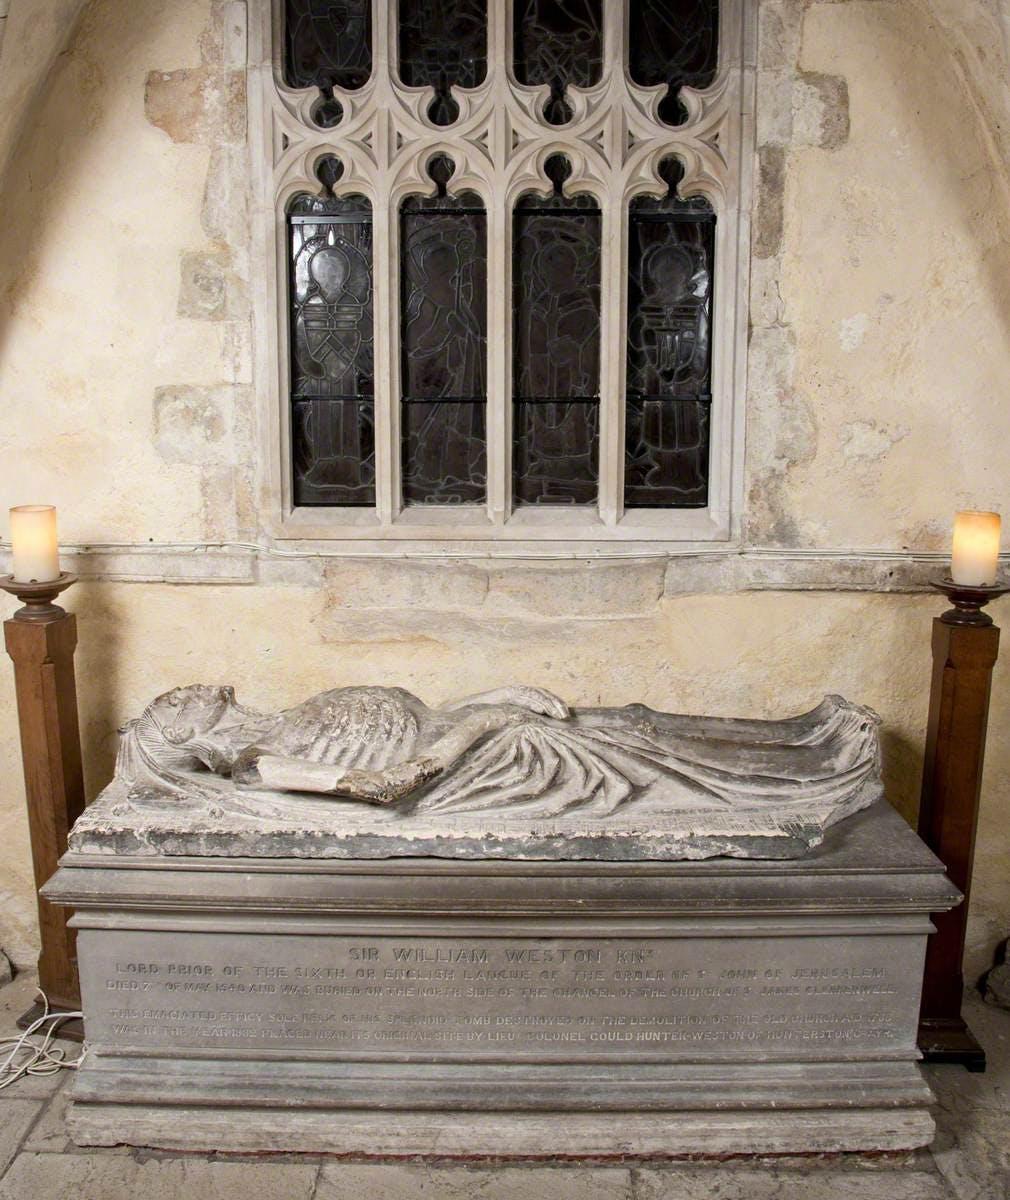 Cadaver Tomb of Prior William Weston